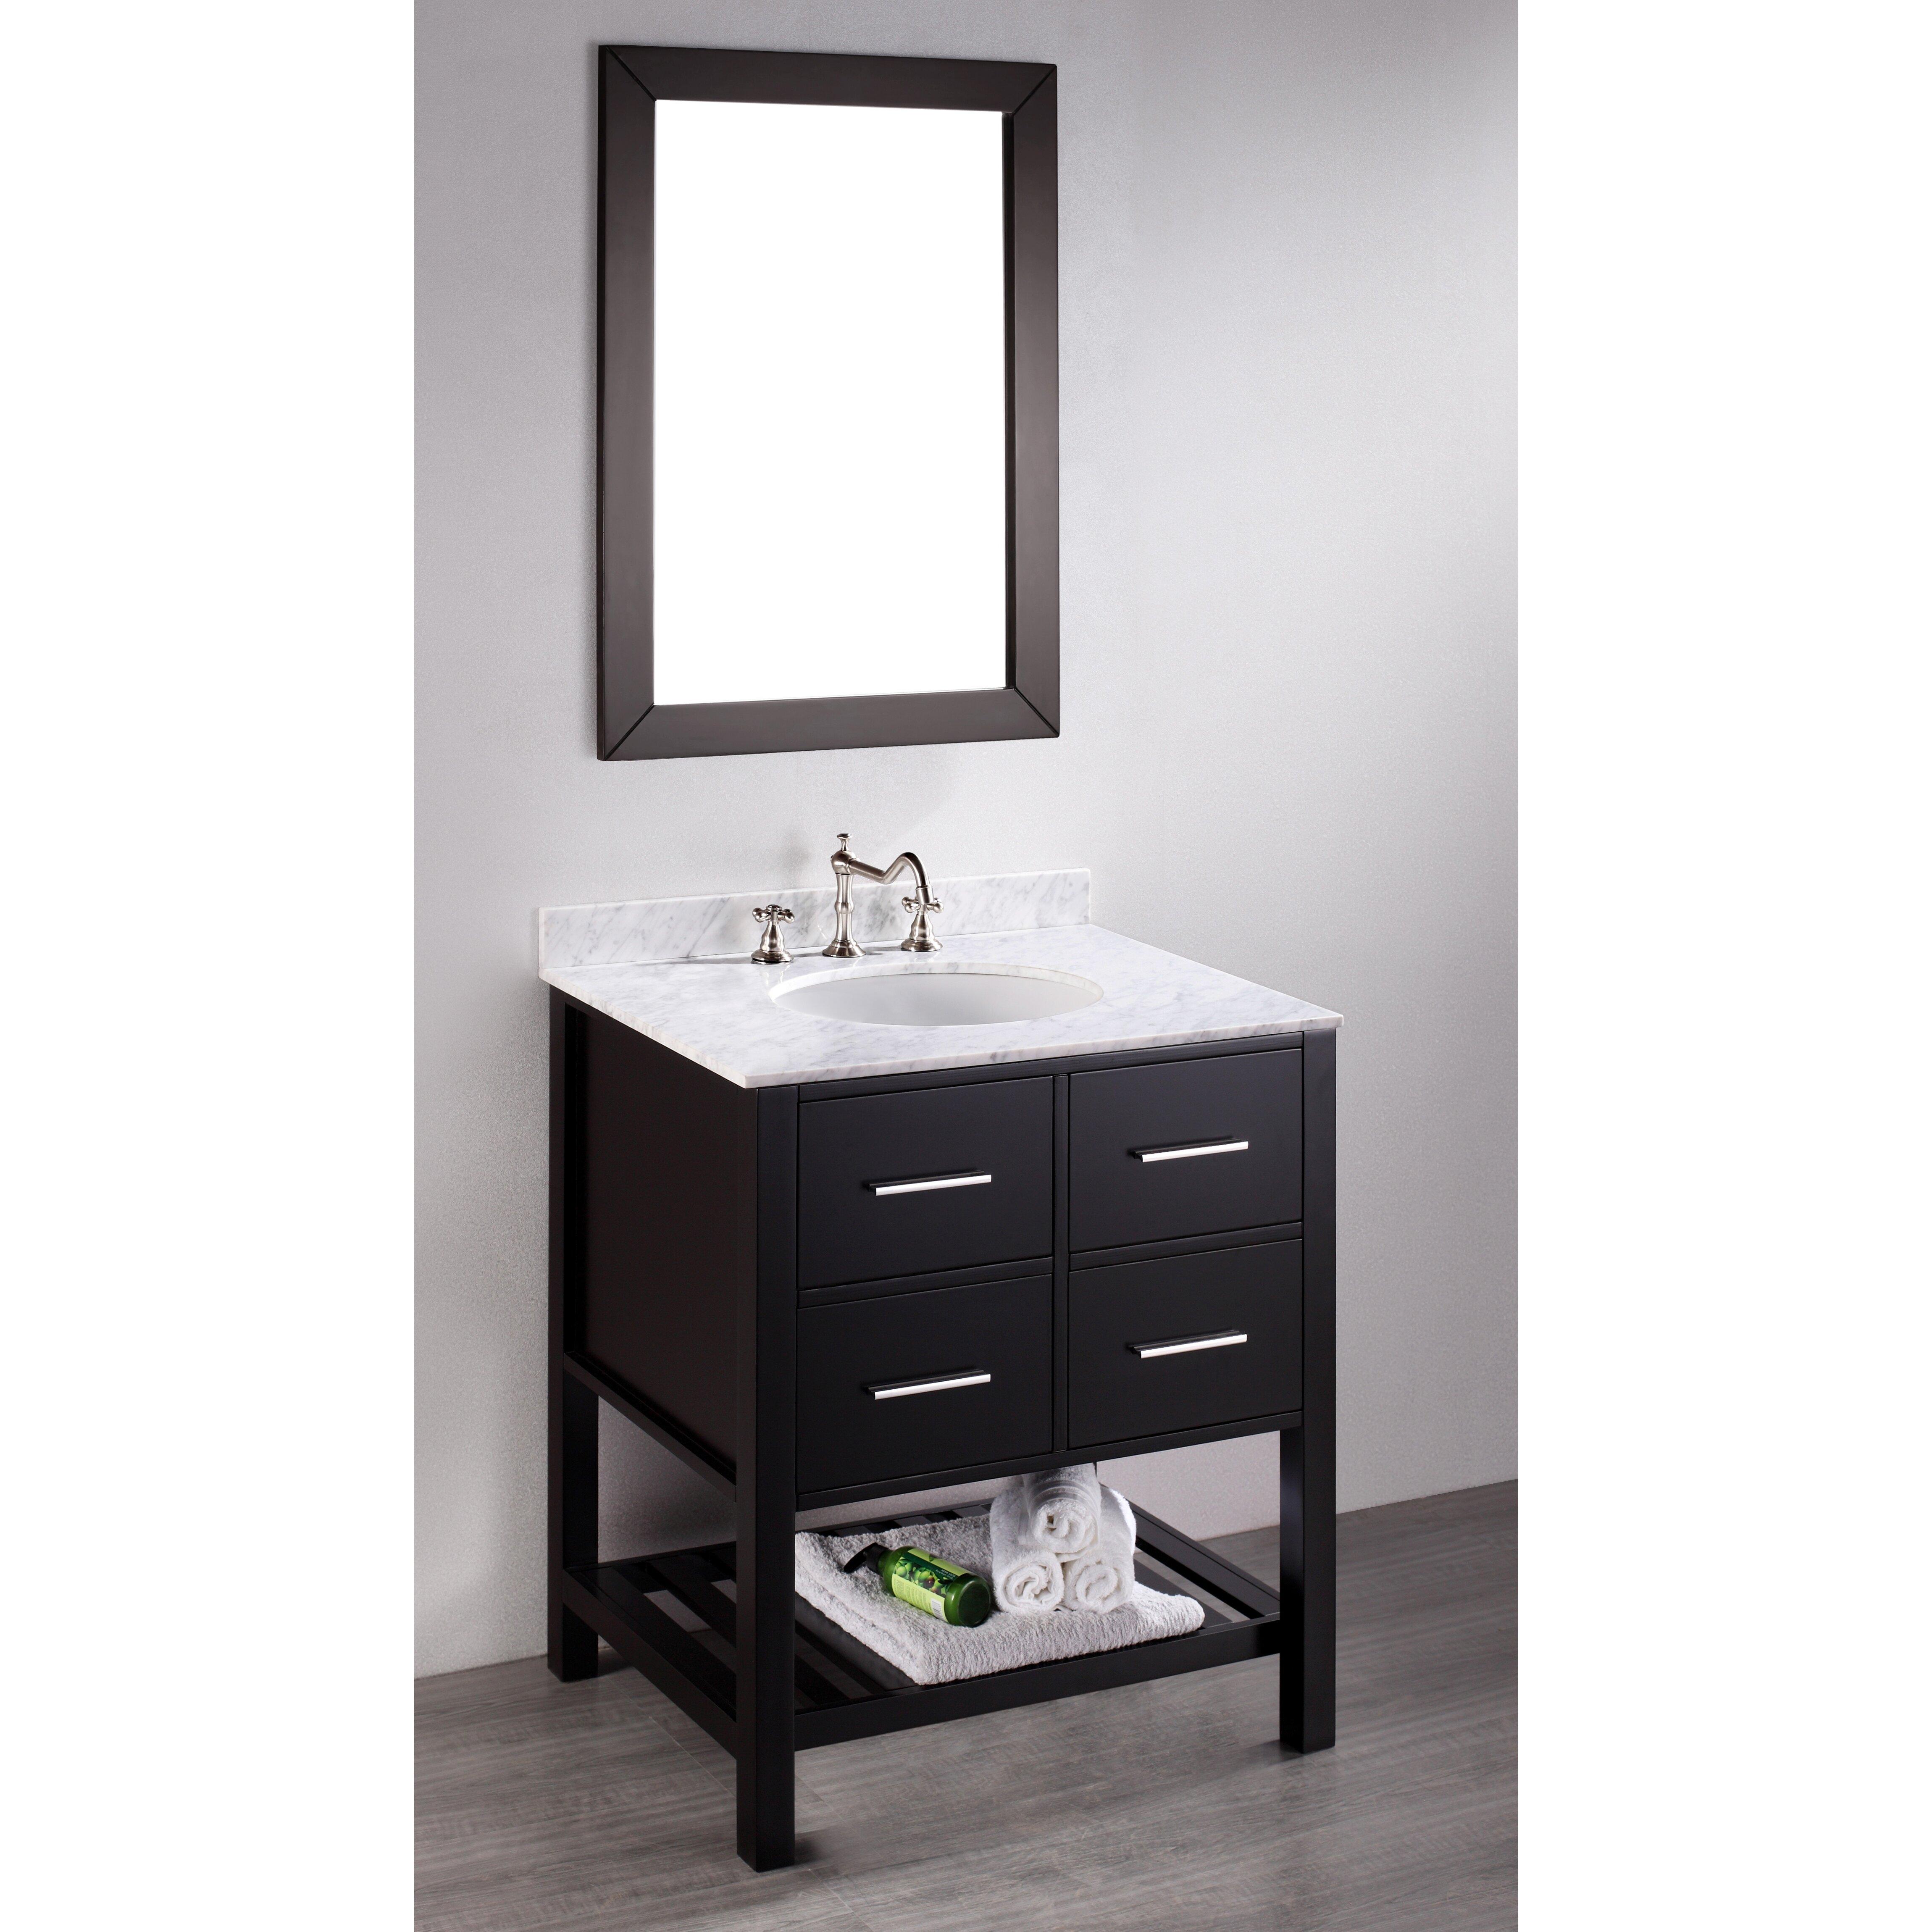 Bosconi Contemporary 30 Single Bathroom Vanity Set With Mirror Reviews Wayfair